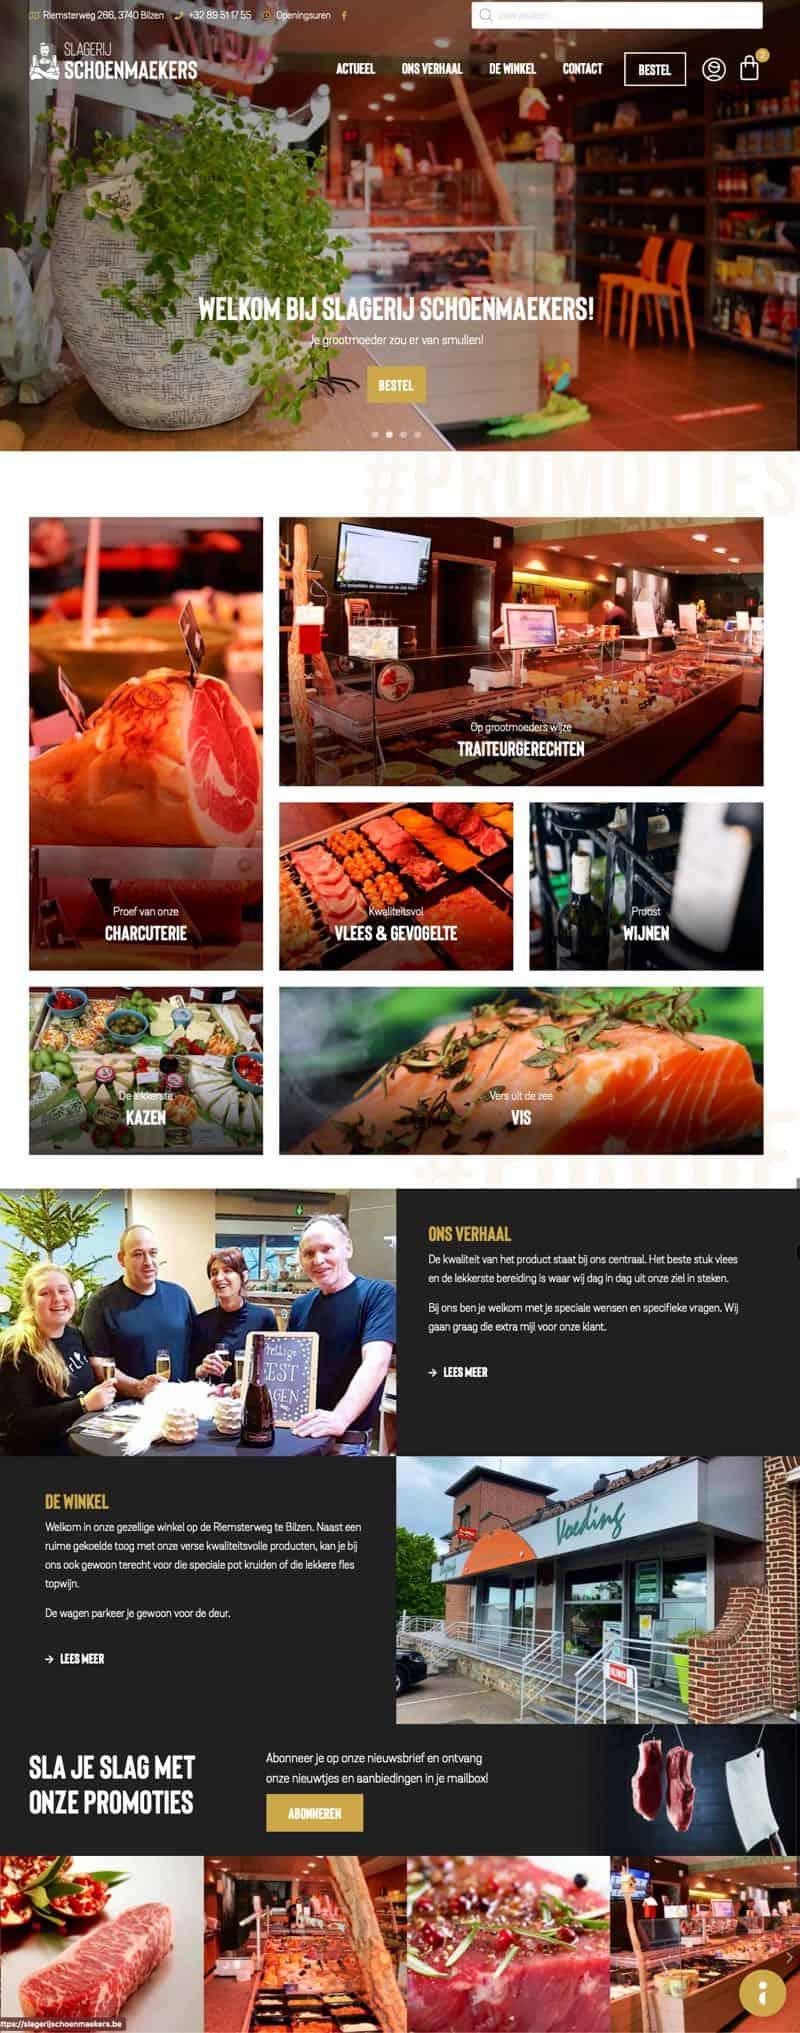 screenshot slagerij schoenmaekers v2 92353 800